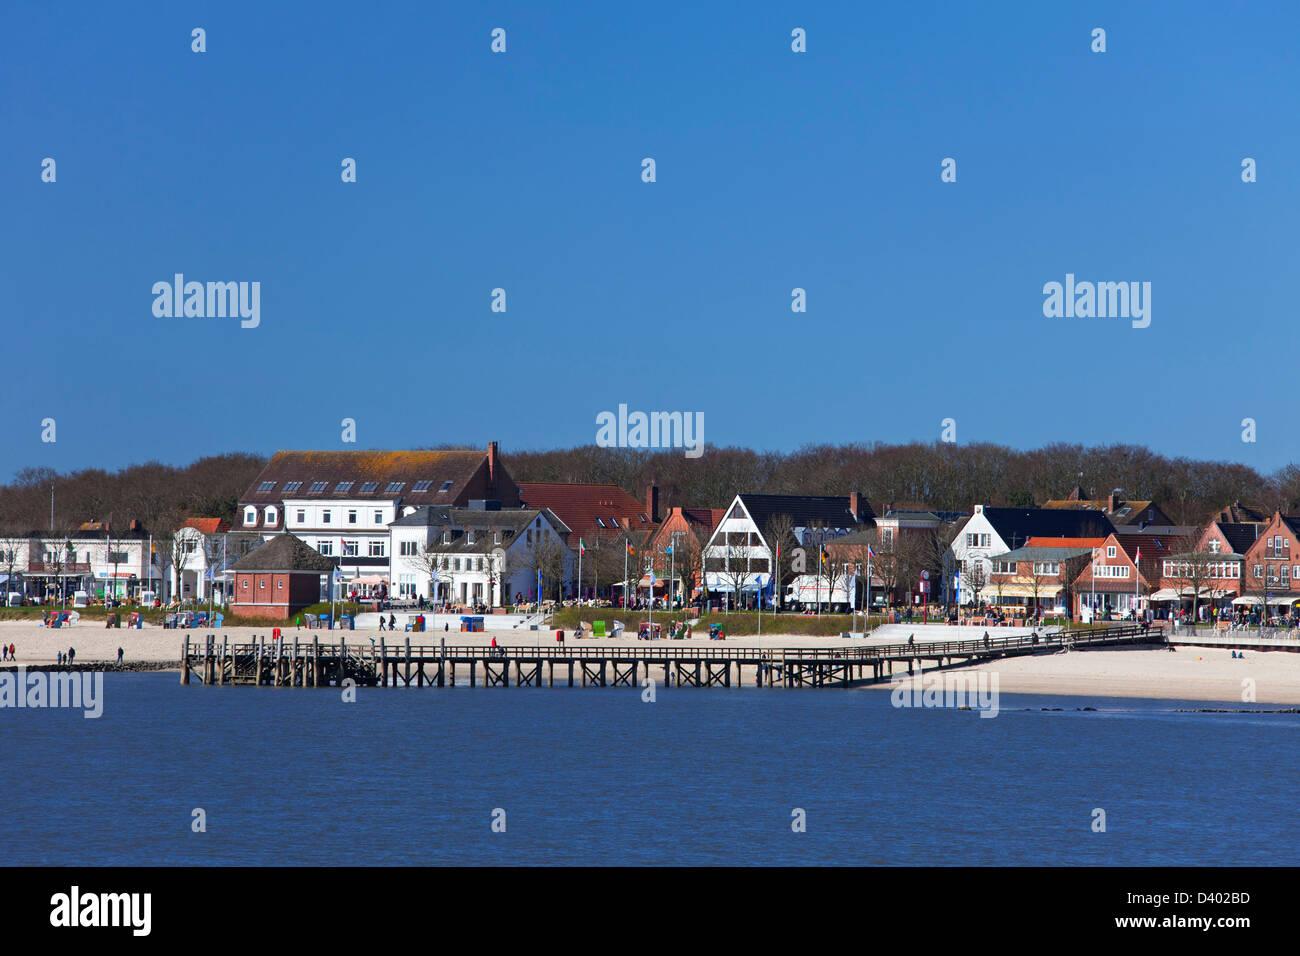 Beach of seaside resort at Wyk auf Föhr, Schleswig-Holstein, Germany - Stock Image